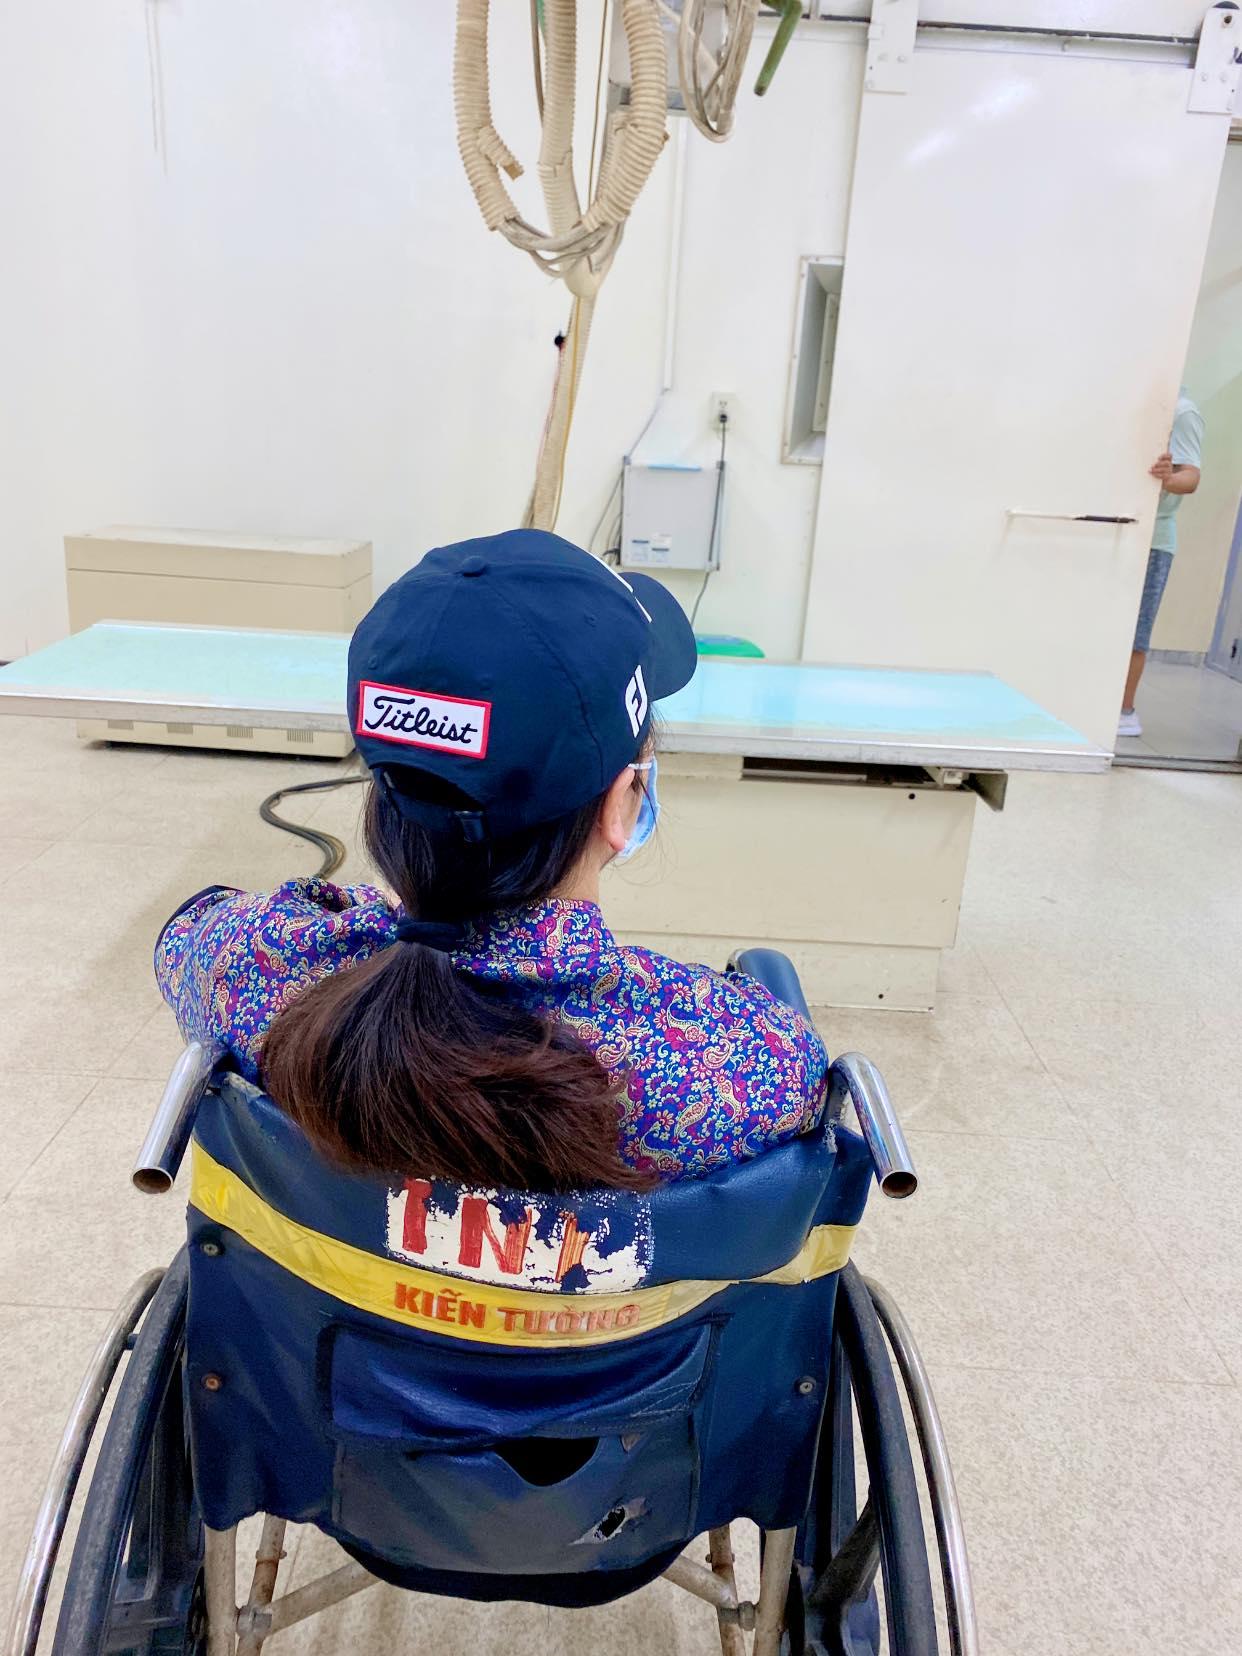 Nhật Kim Anh bất ngờ bị ngã rách dây chằng ở chân, phải ngừng công việc trong vòng 2 tuần 0